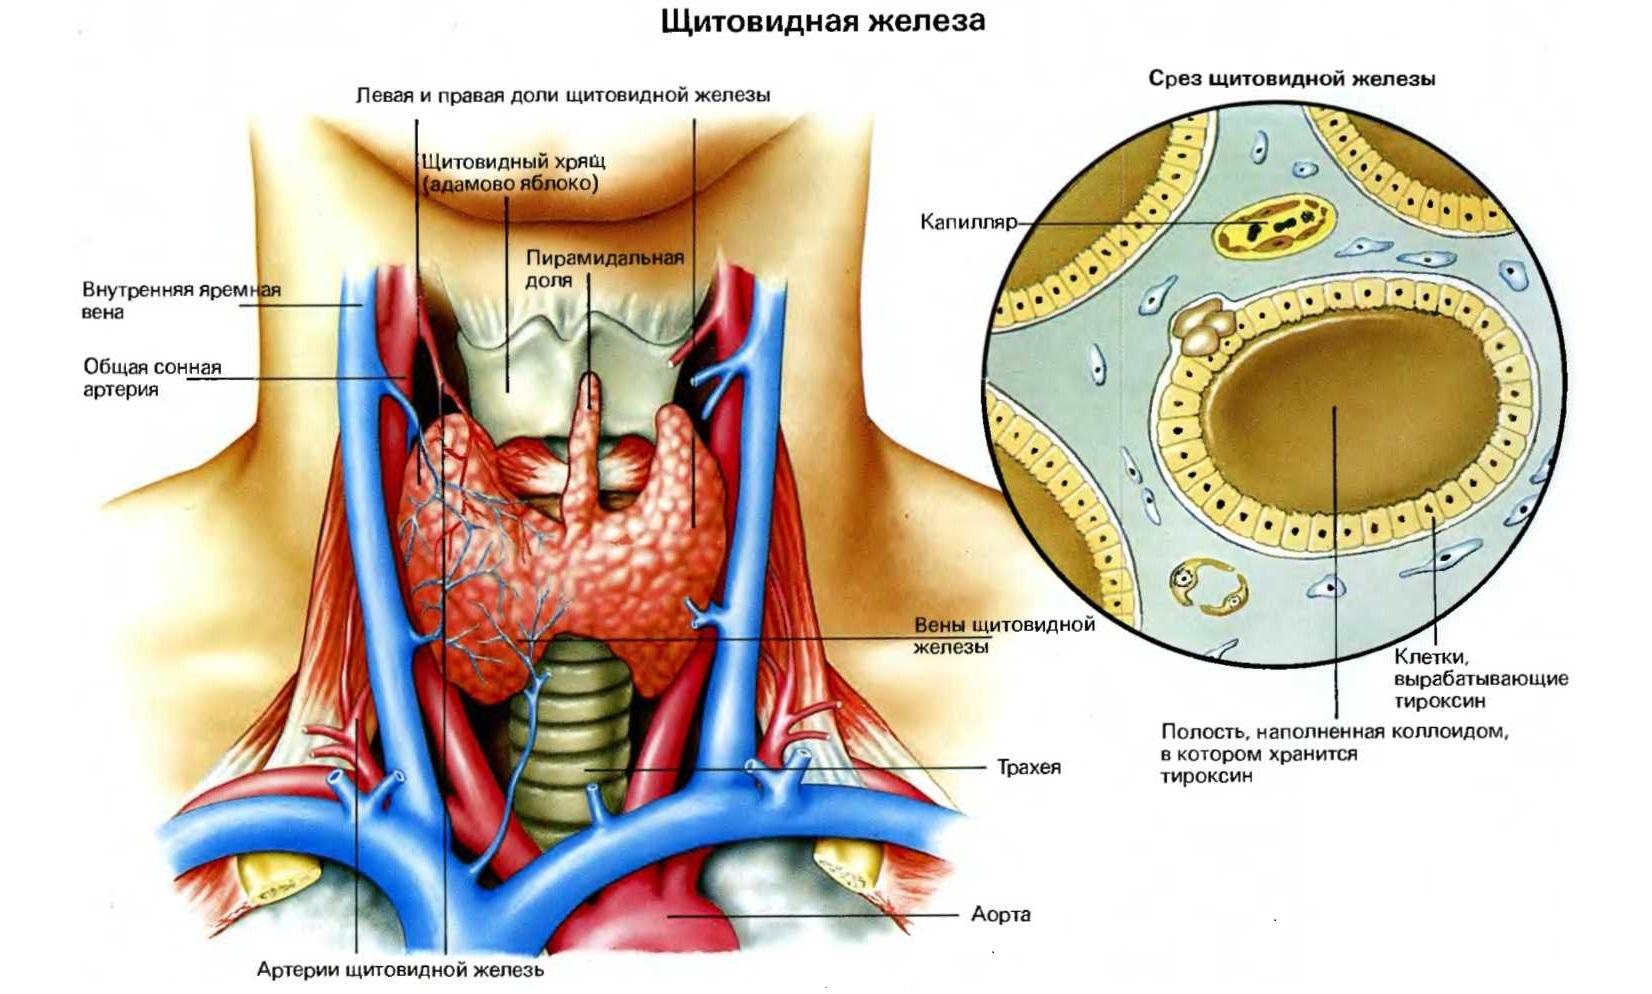 кишечные паразиты у человека симптомы